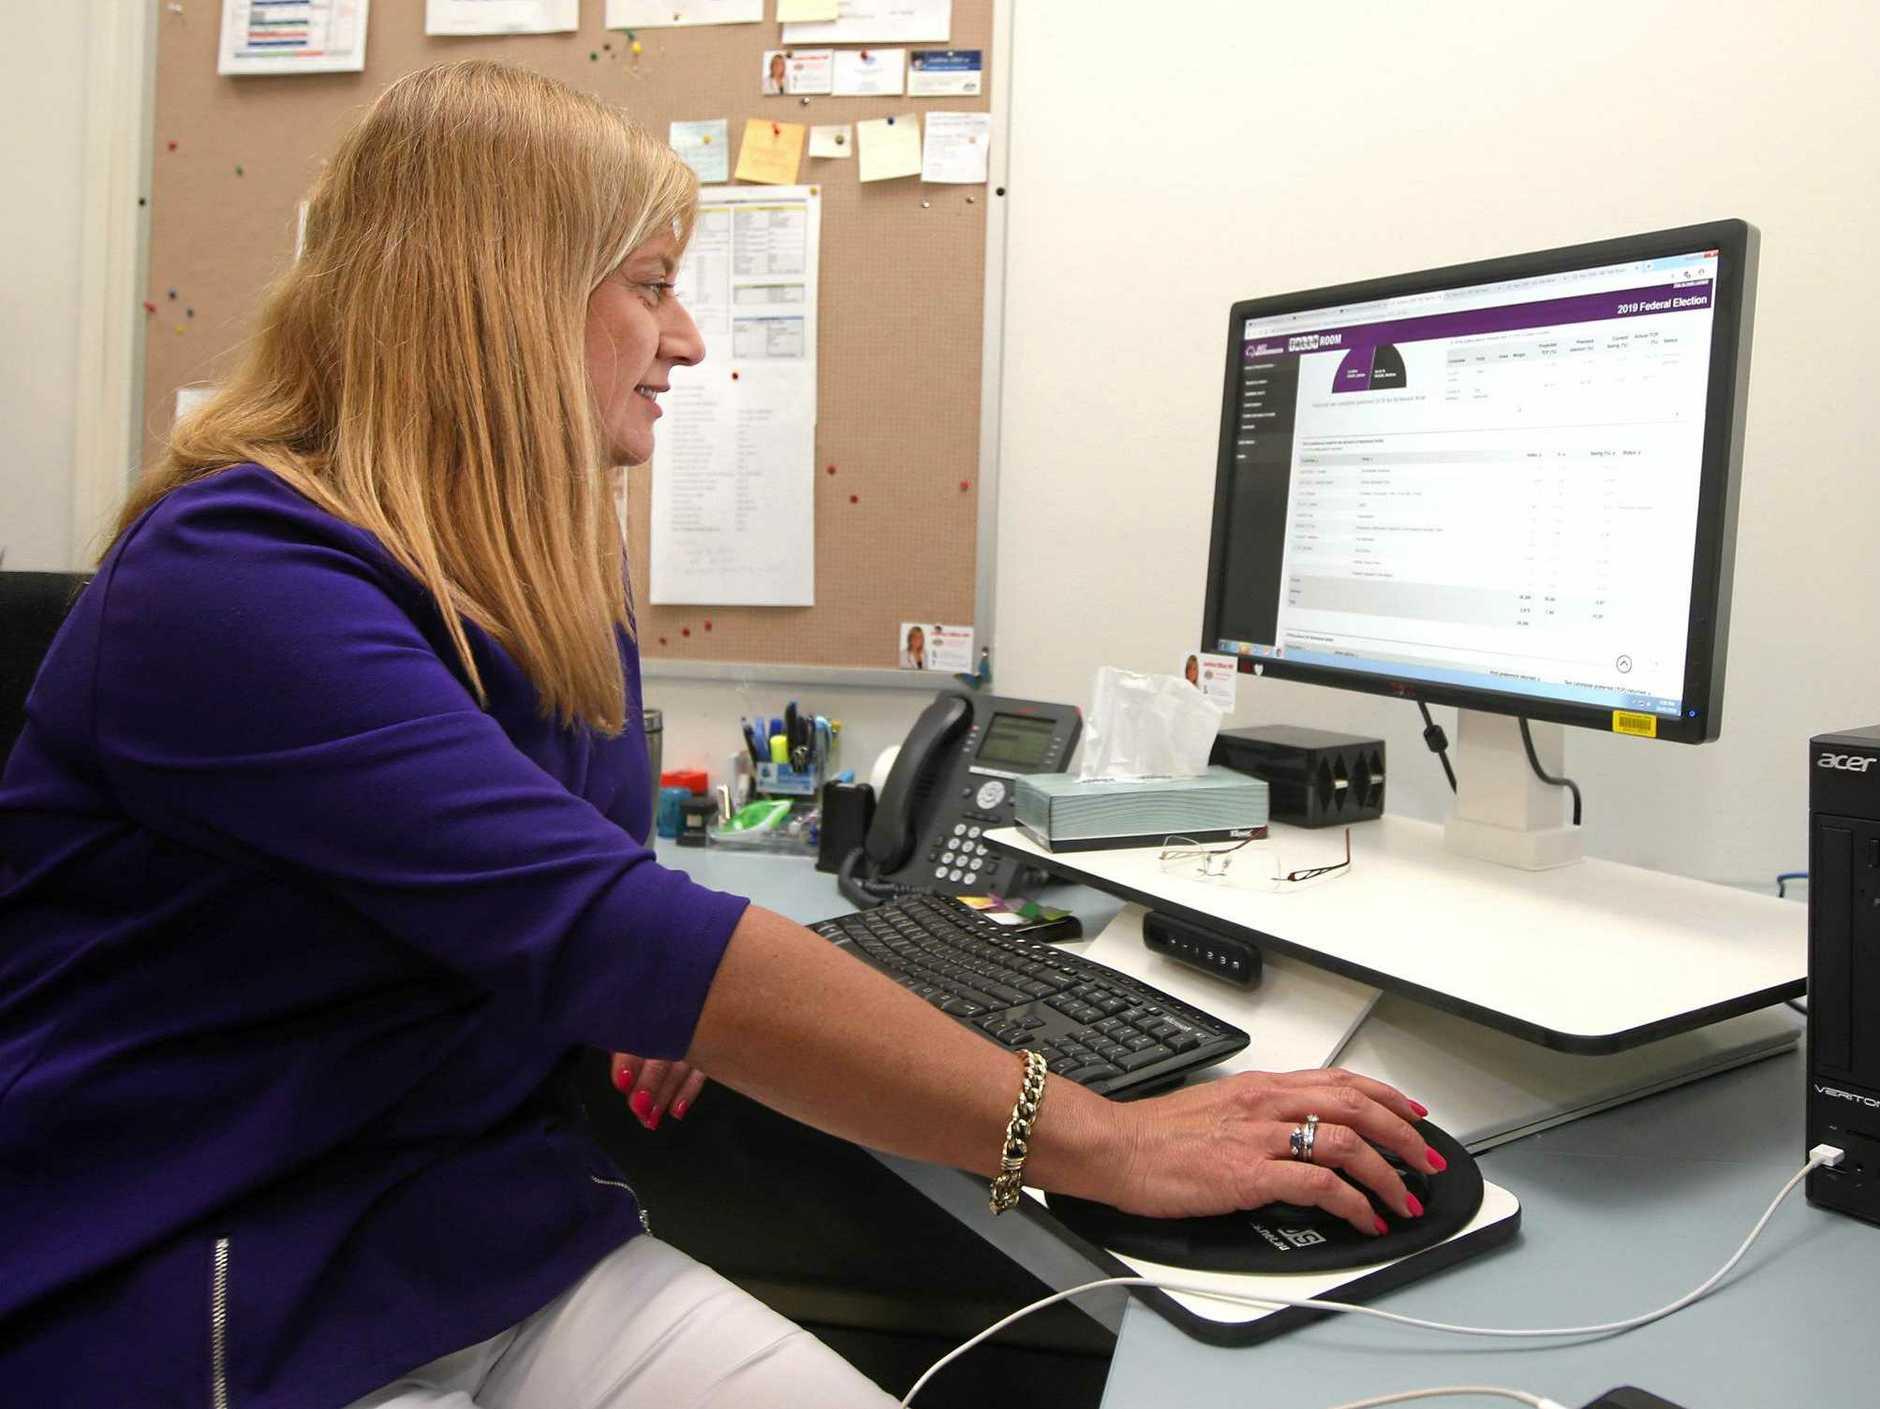 Justine Elliot working in her Richmond office.